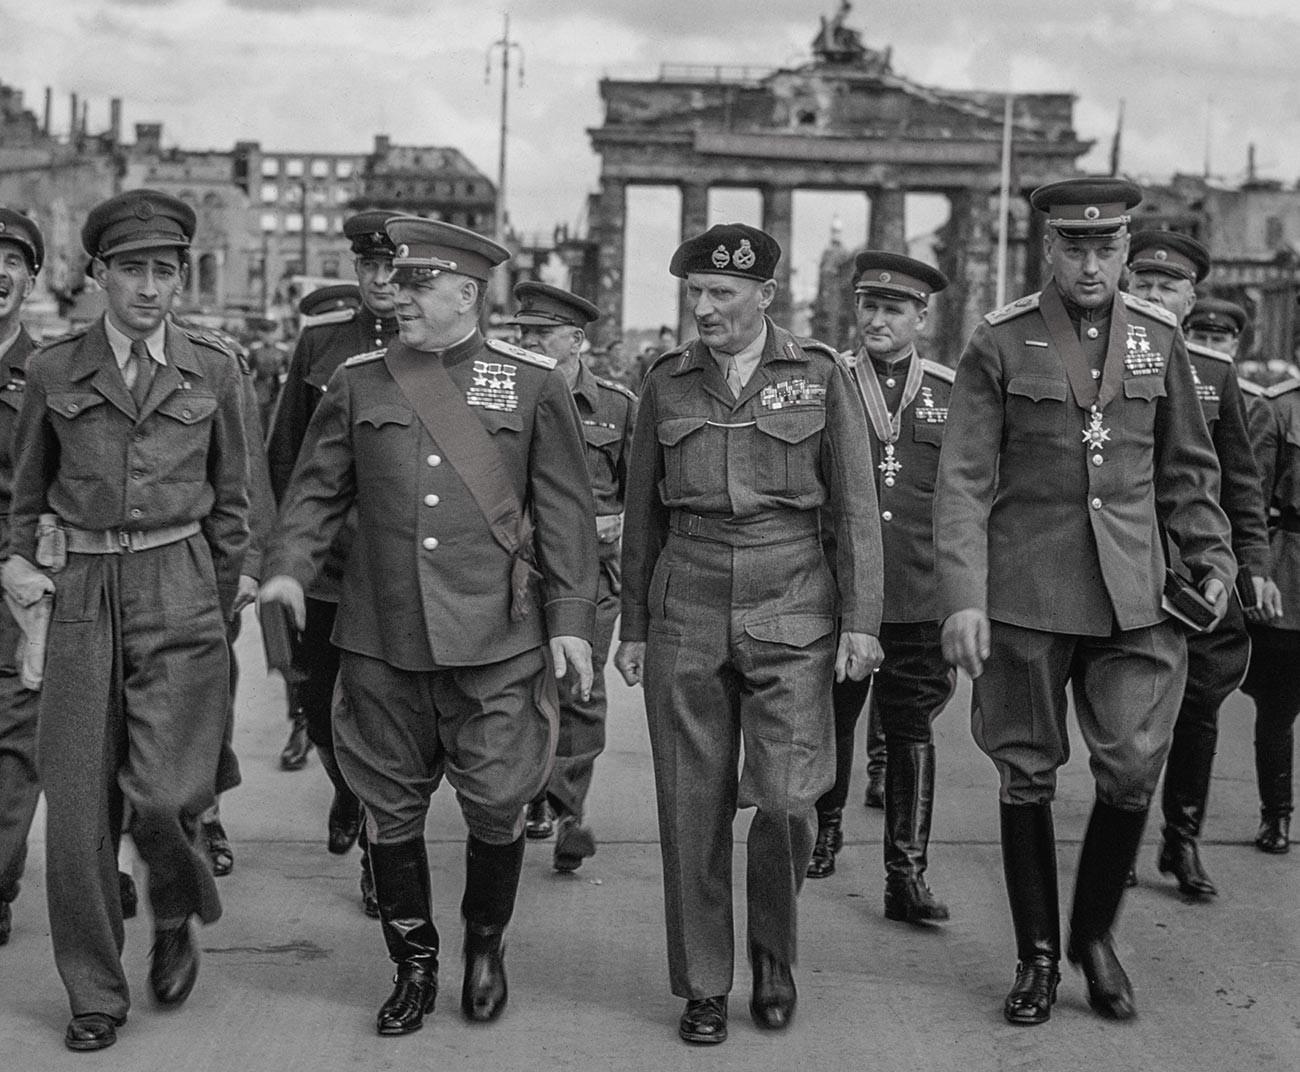 Il maresciallo Zhukov, il feldmaresciallo Sir Bernard Montgomery e il maresciallo Rokossovskij a Berlino